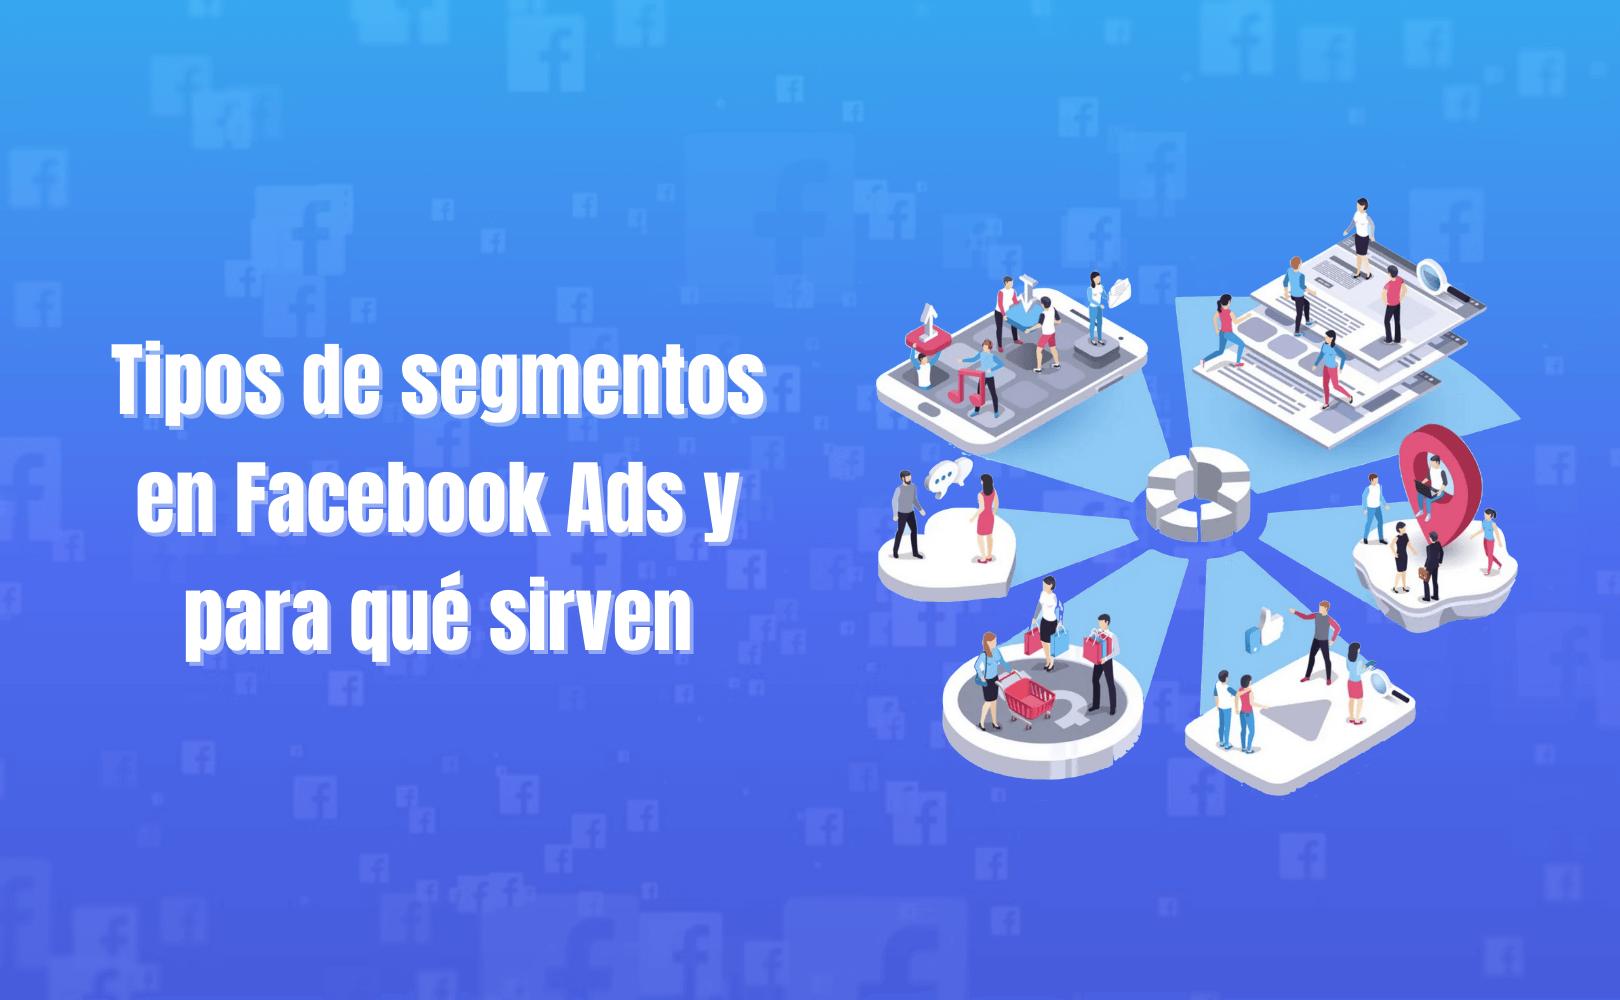 Tipos de segmentos en Facebook Ads y para qué sirven